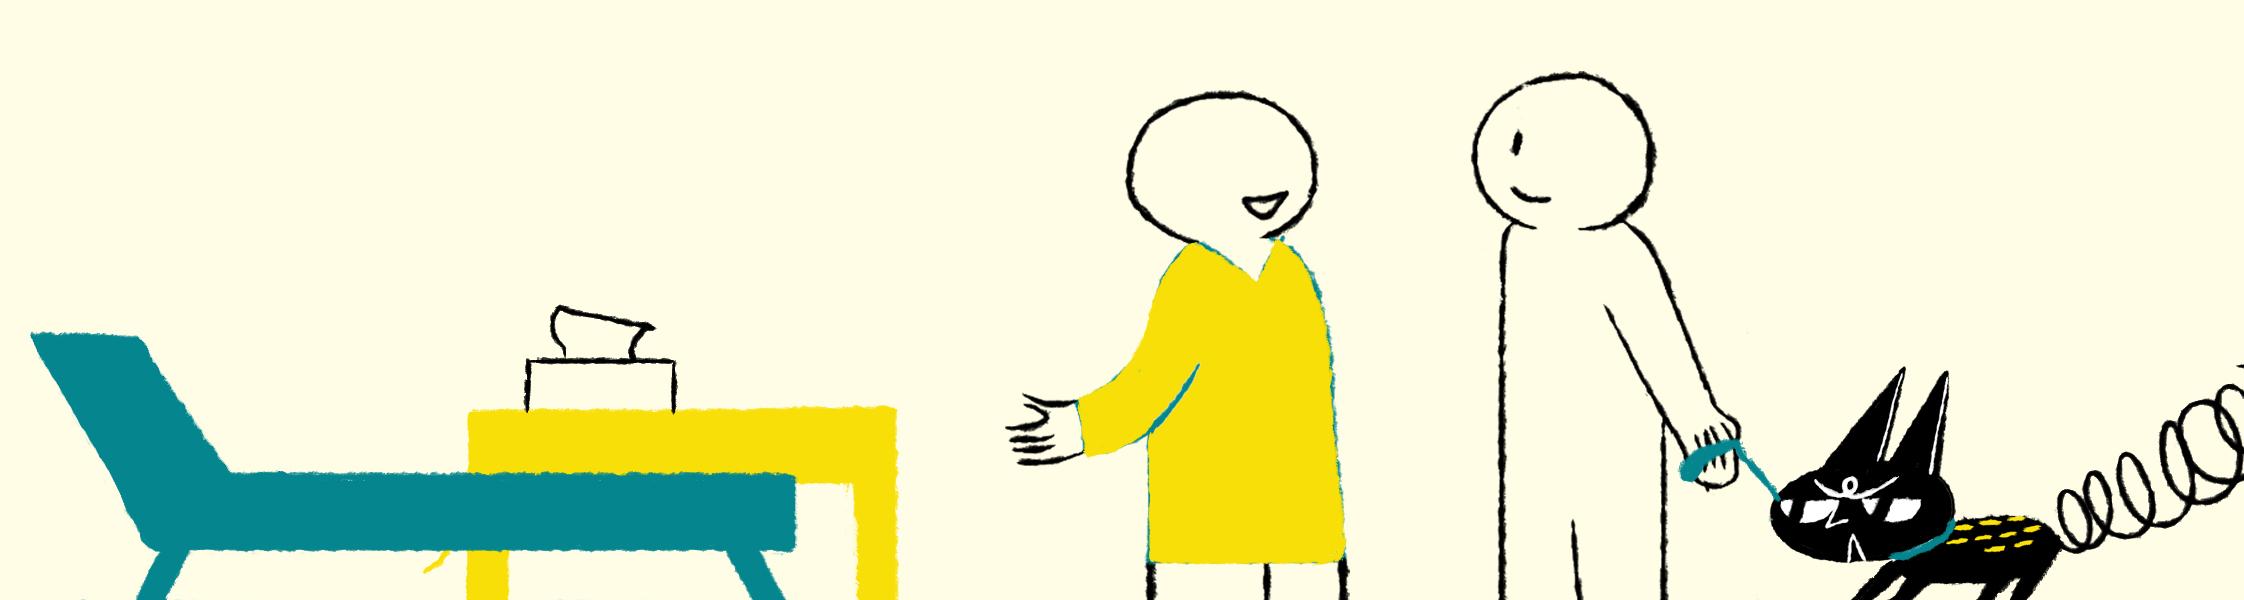 心理諮商機構 - 小鬱亂入